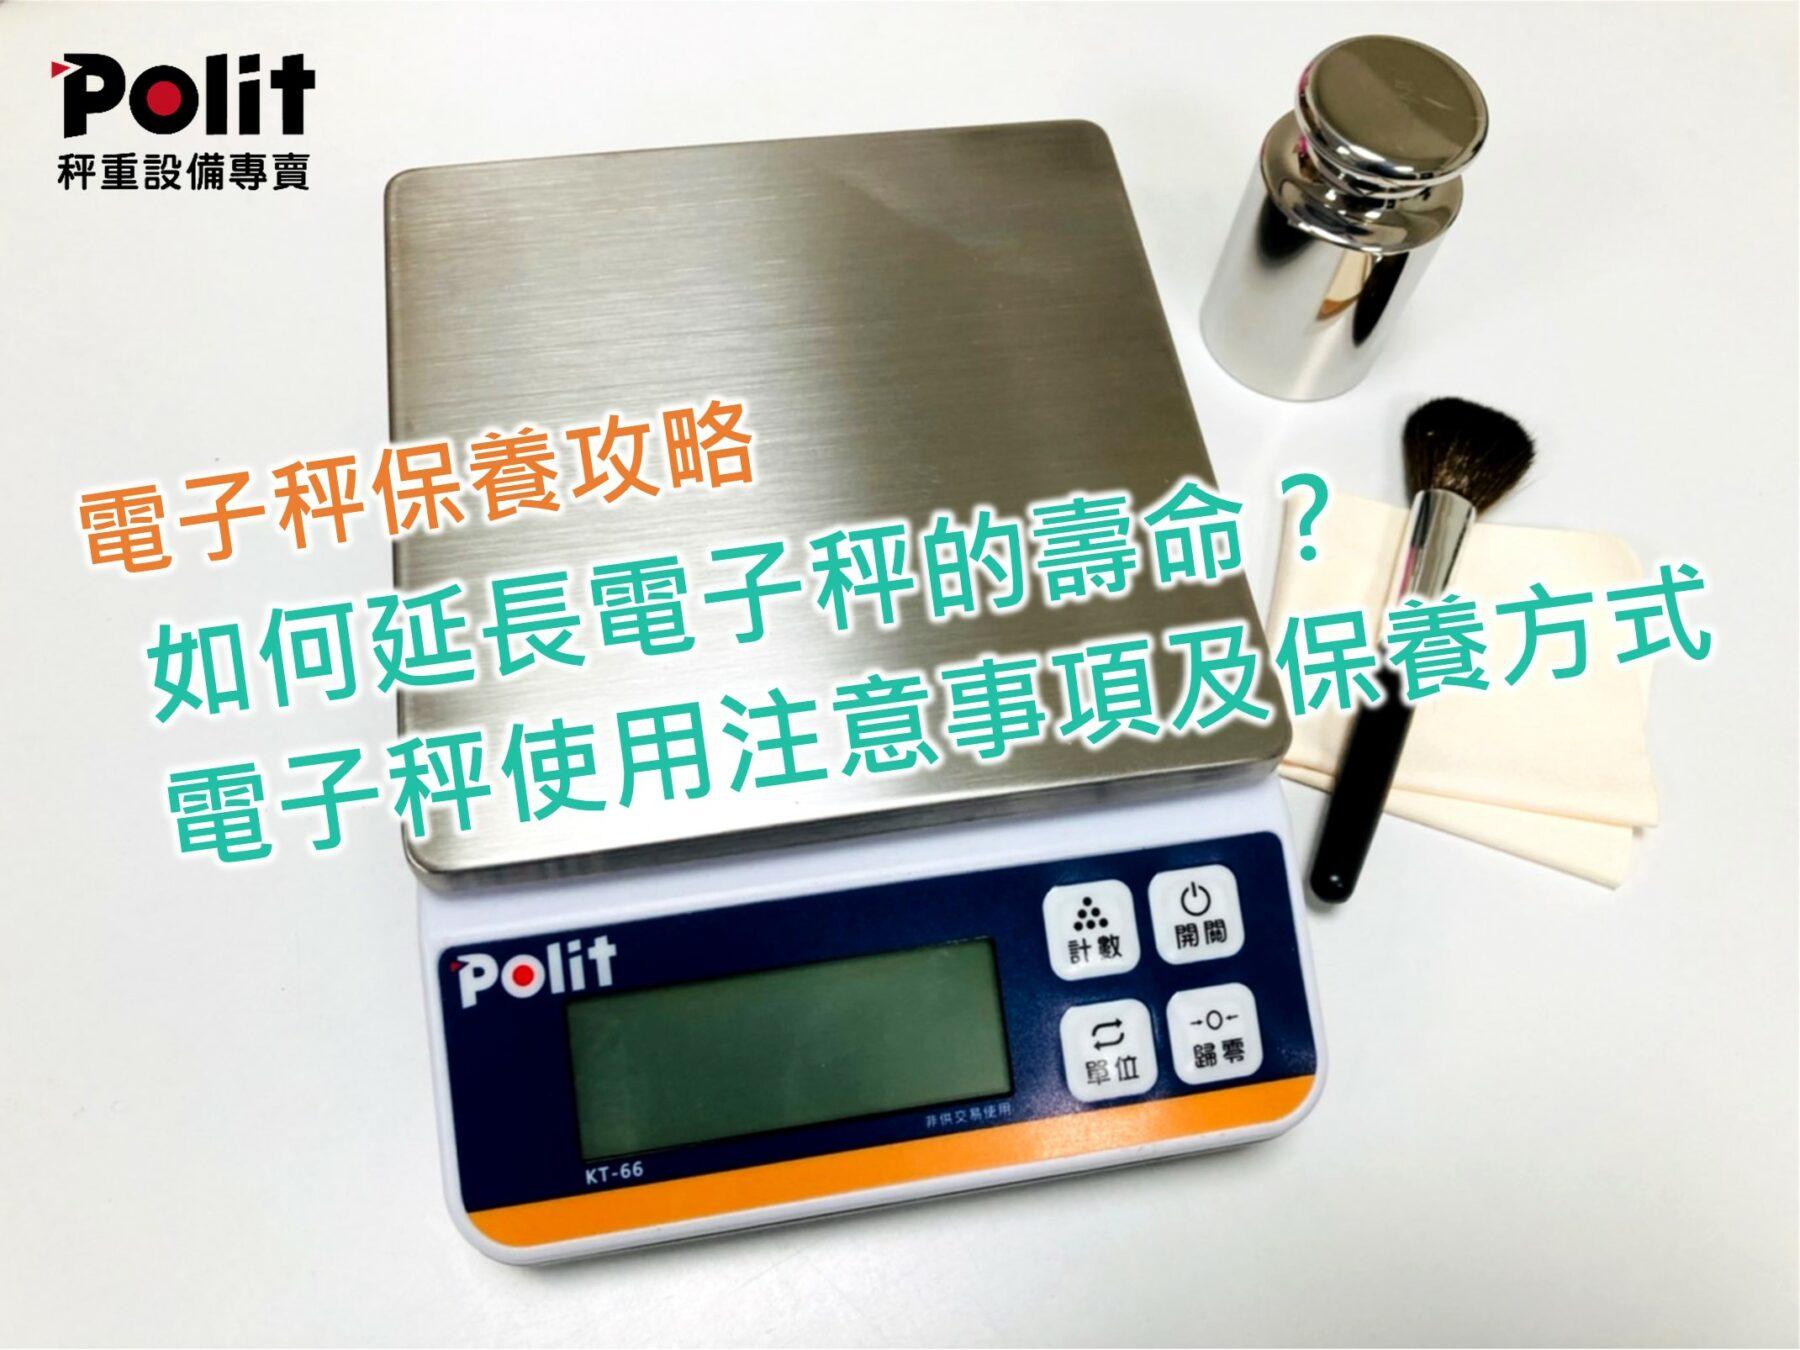 如何延長電子秤壽命?電子秤使用注意事項及如何保養電子秤 | 沛禮國際 Polit 電子秤專賣